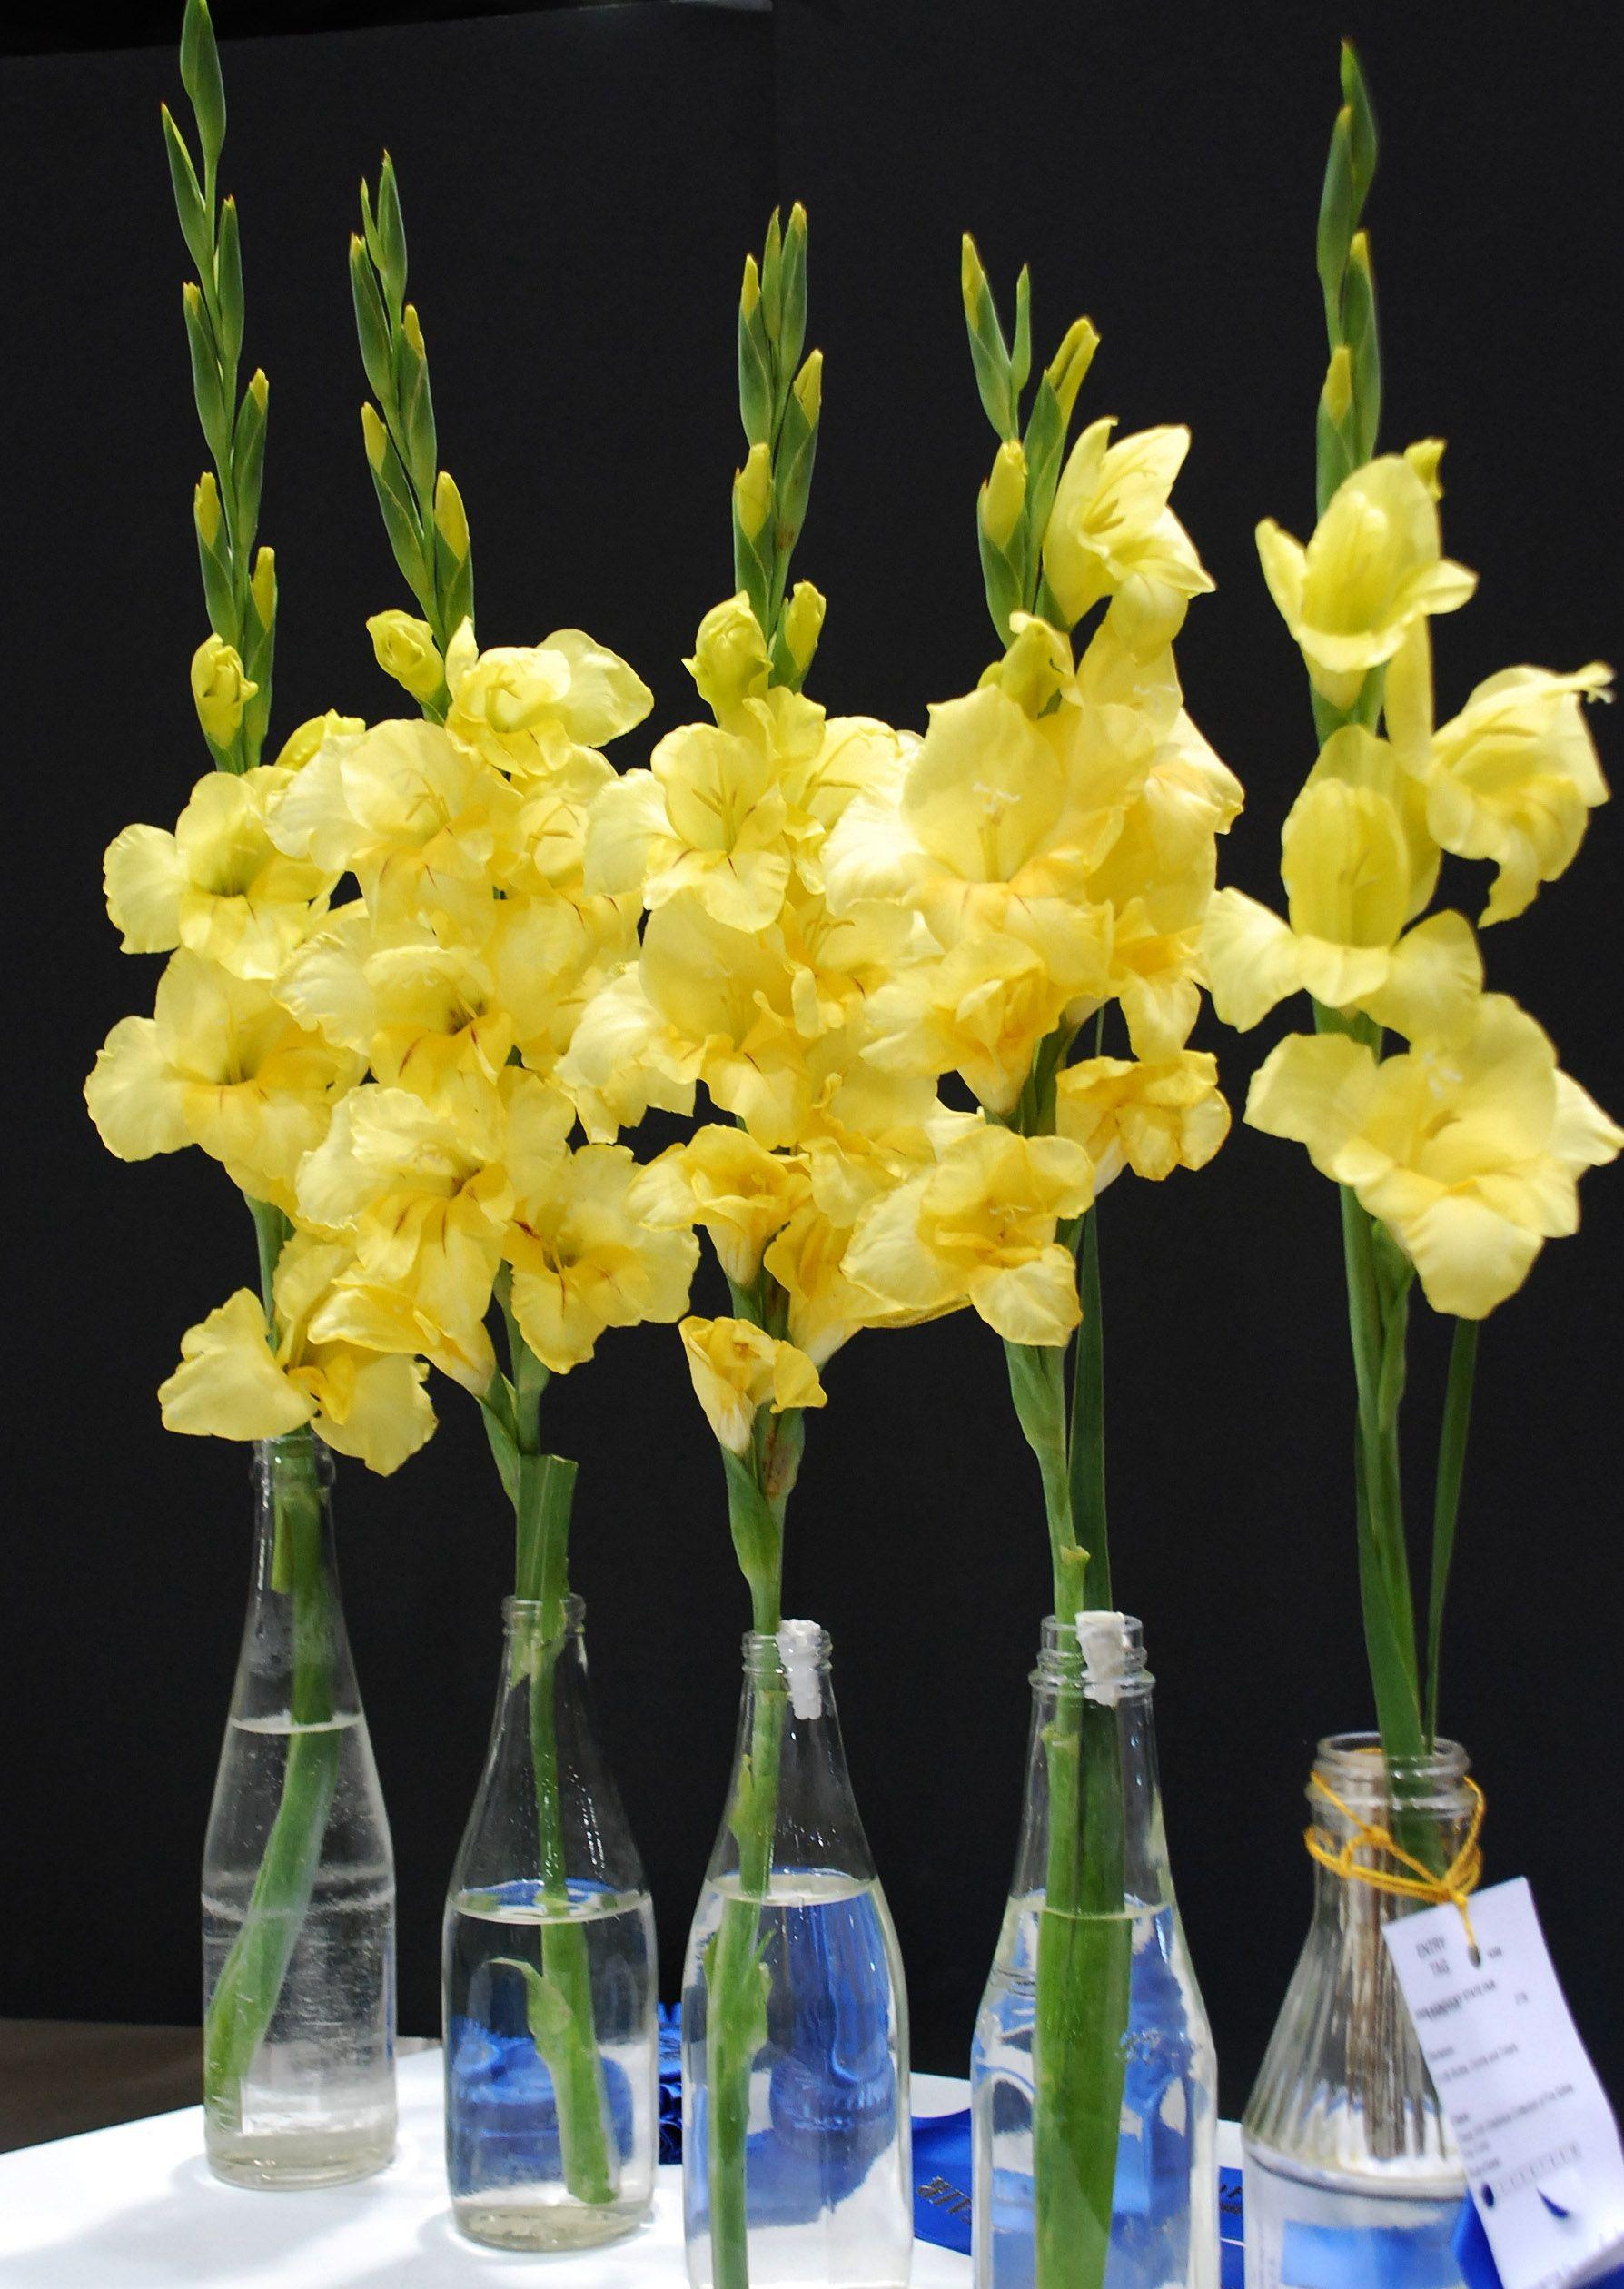 Winning flower arrangements from the Kentucky State Fair